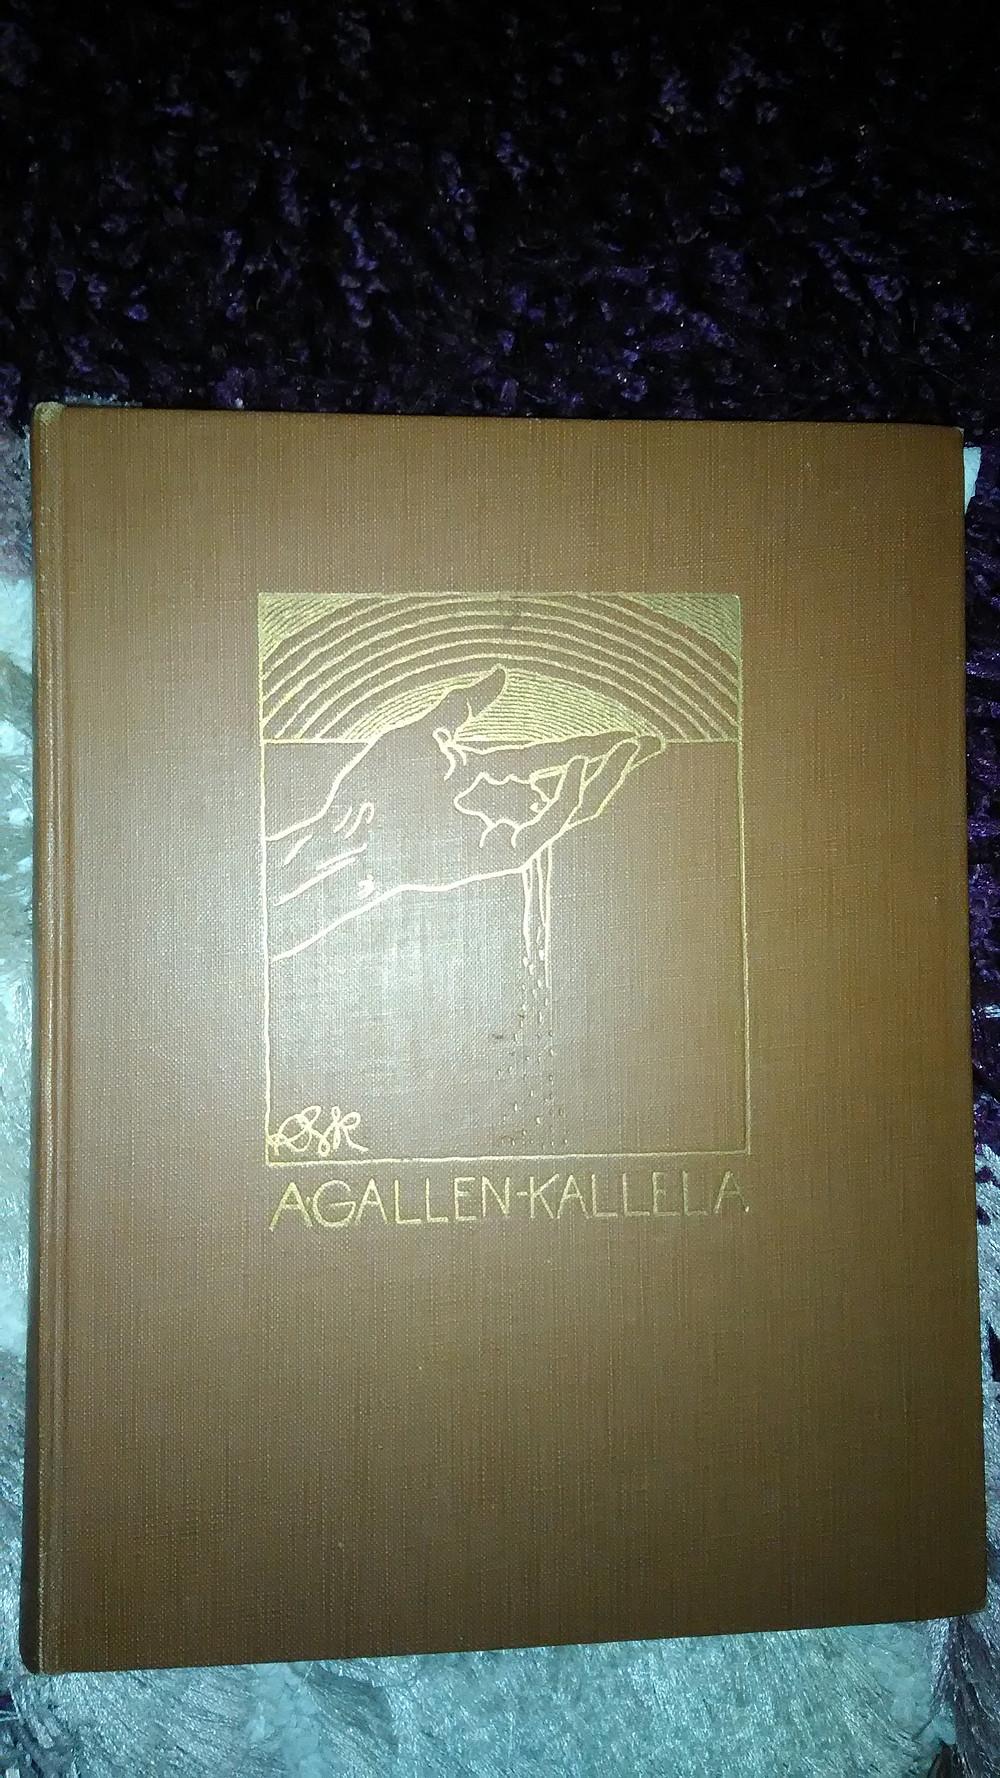 Akseli Gallen-Kallelan Afrikka-kirja on ehtaa aikalaiskuvausta.